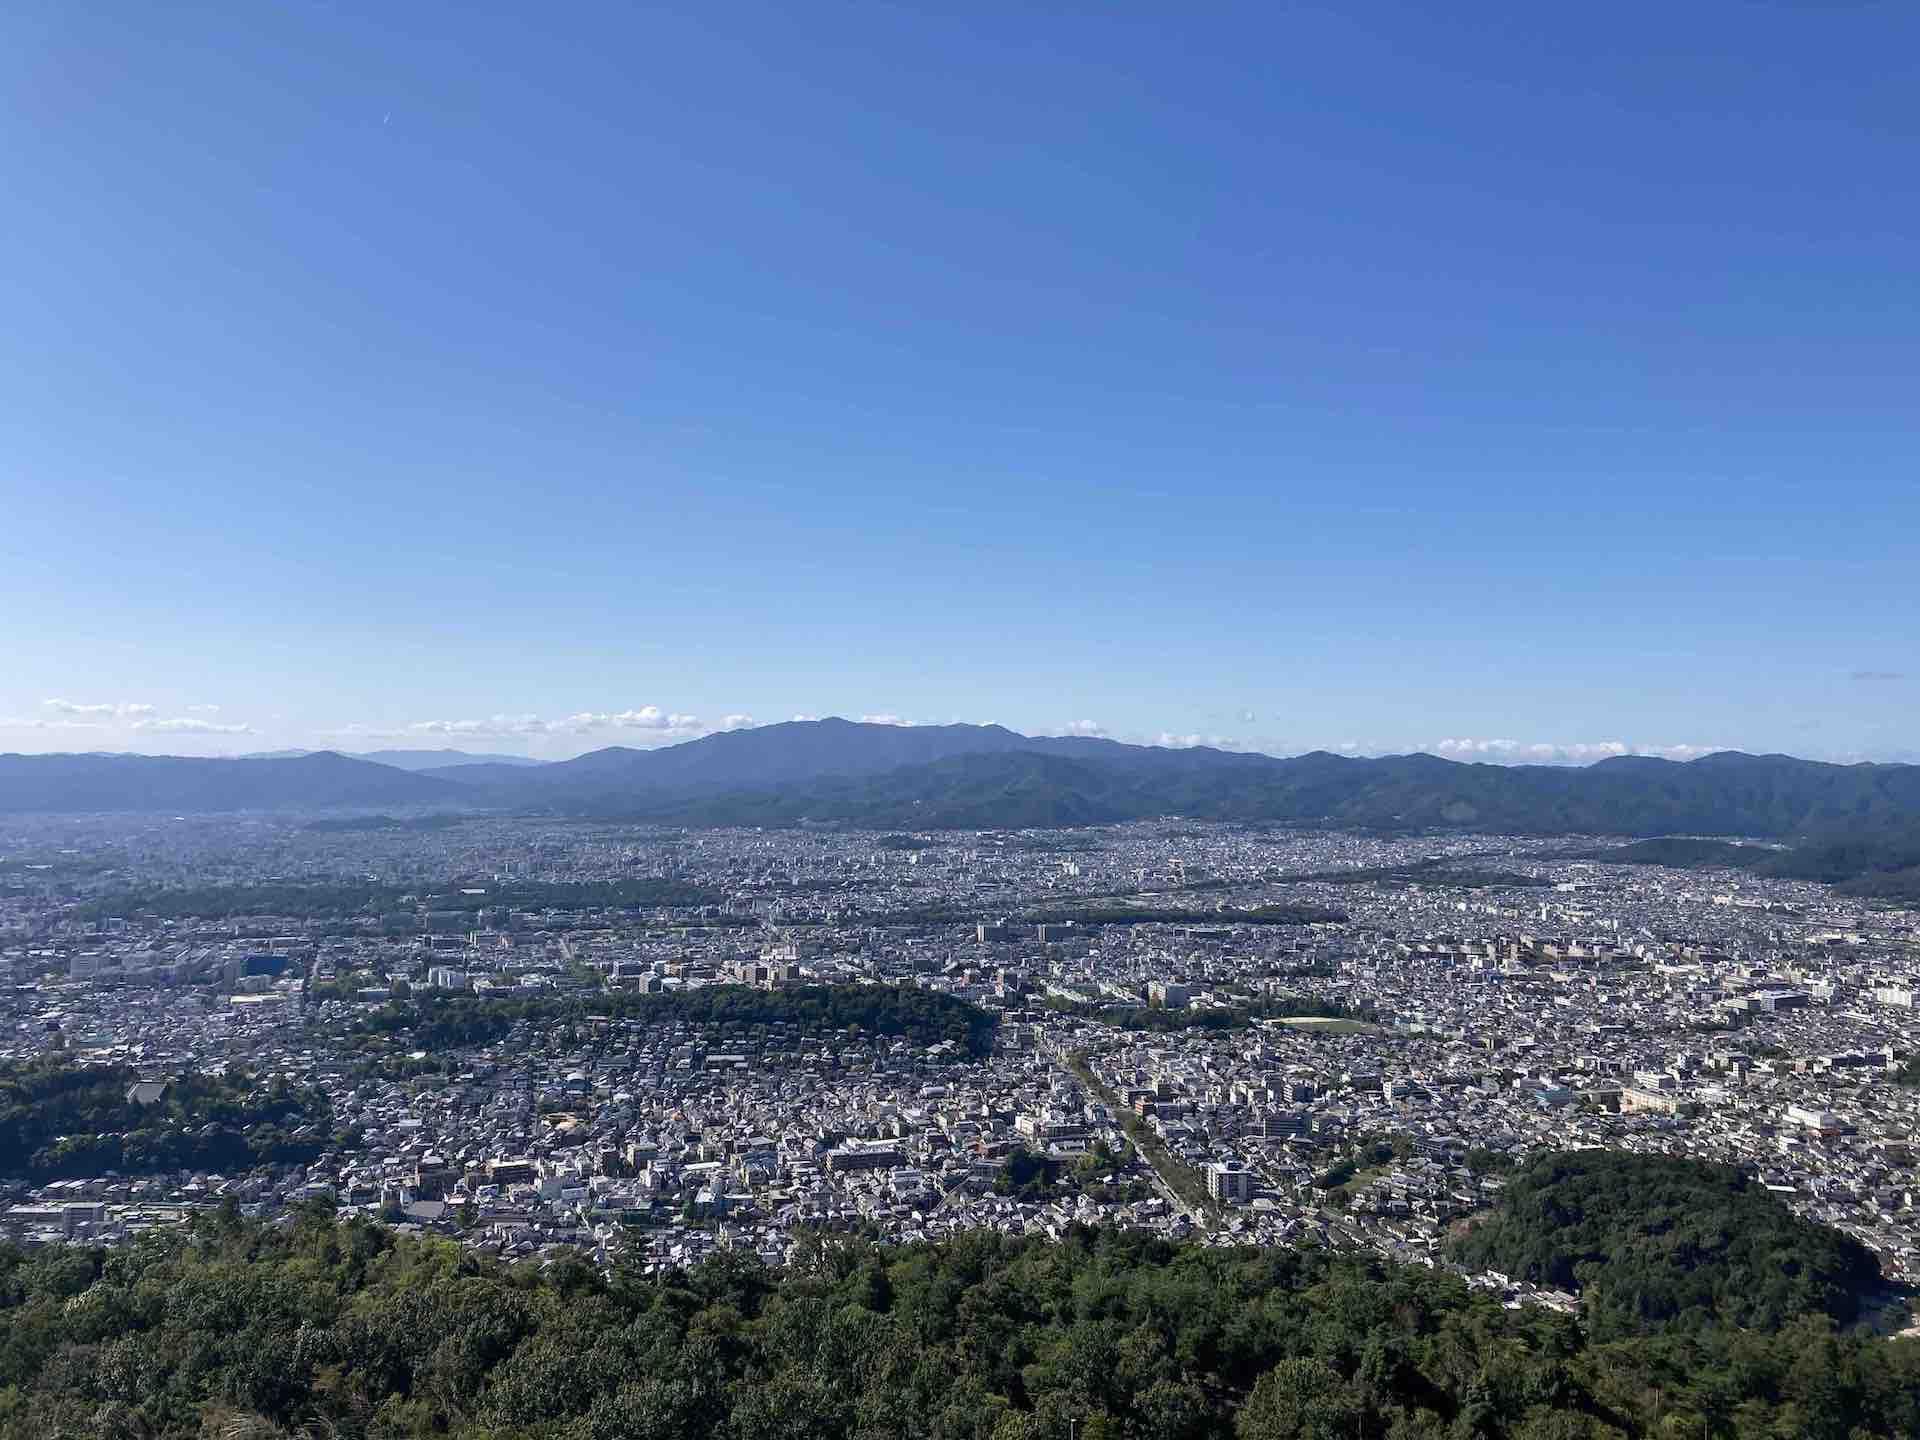 京都一周トレイル 大文字山頂エリア